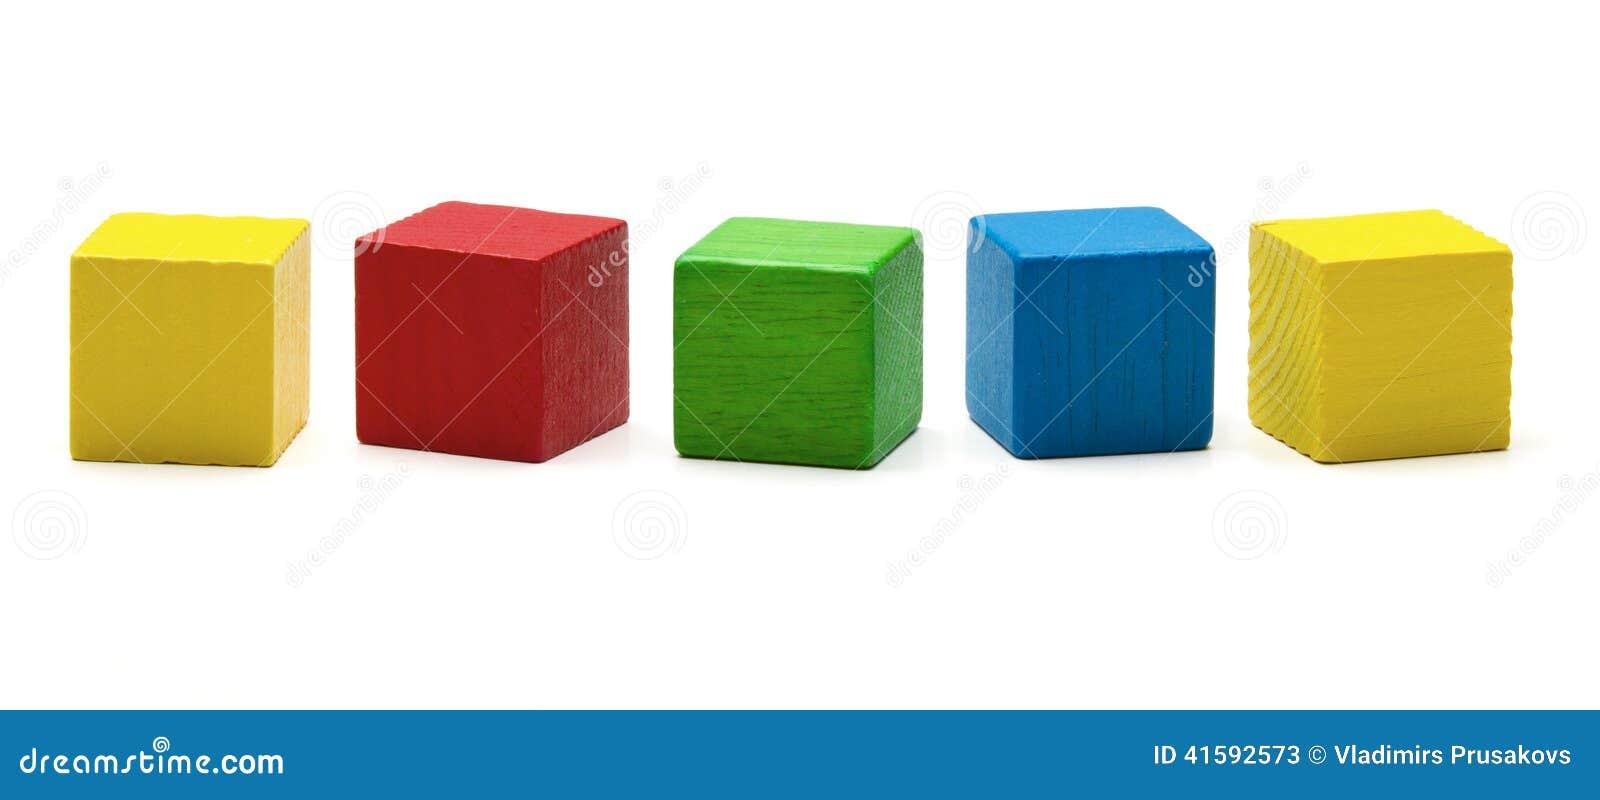 blocs de jouet cube en bois multicolore en jeu bo tes vides photo stock image 41592573. Black Bedroom Furniture Sets. Home Design Ideas